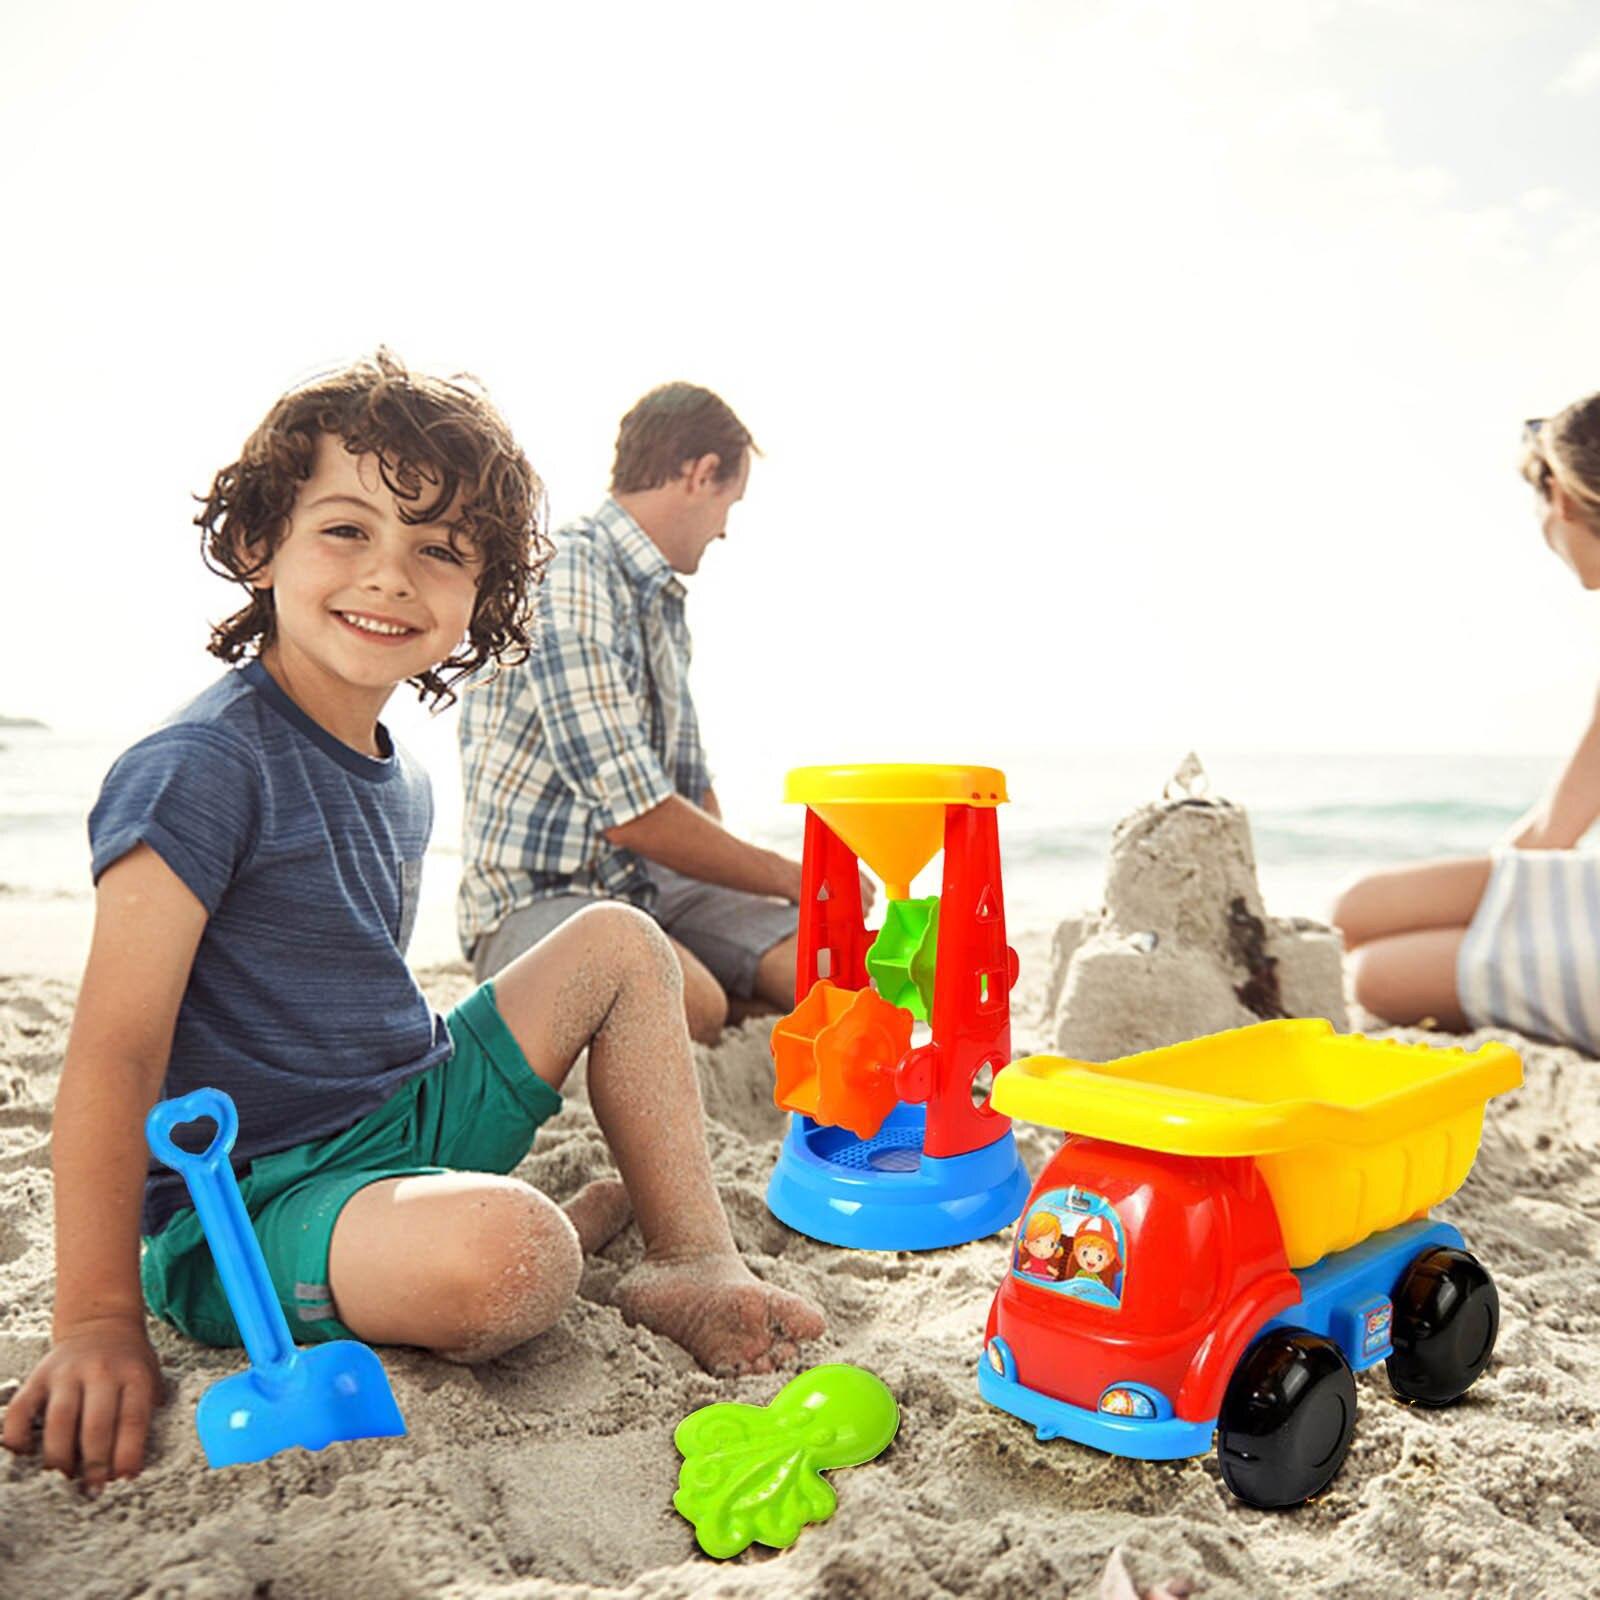 11 Piece Beach Toy For Kids Baby Sand Set Sand Play Sandpit Toy Summer Outdoor Toy Children Sandbox Set Kit